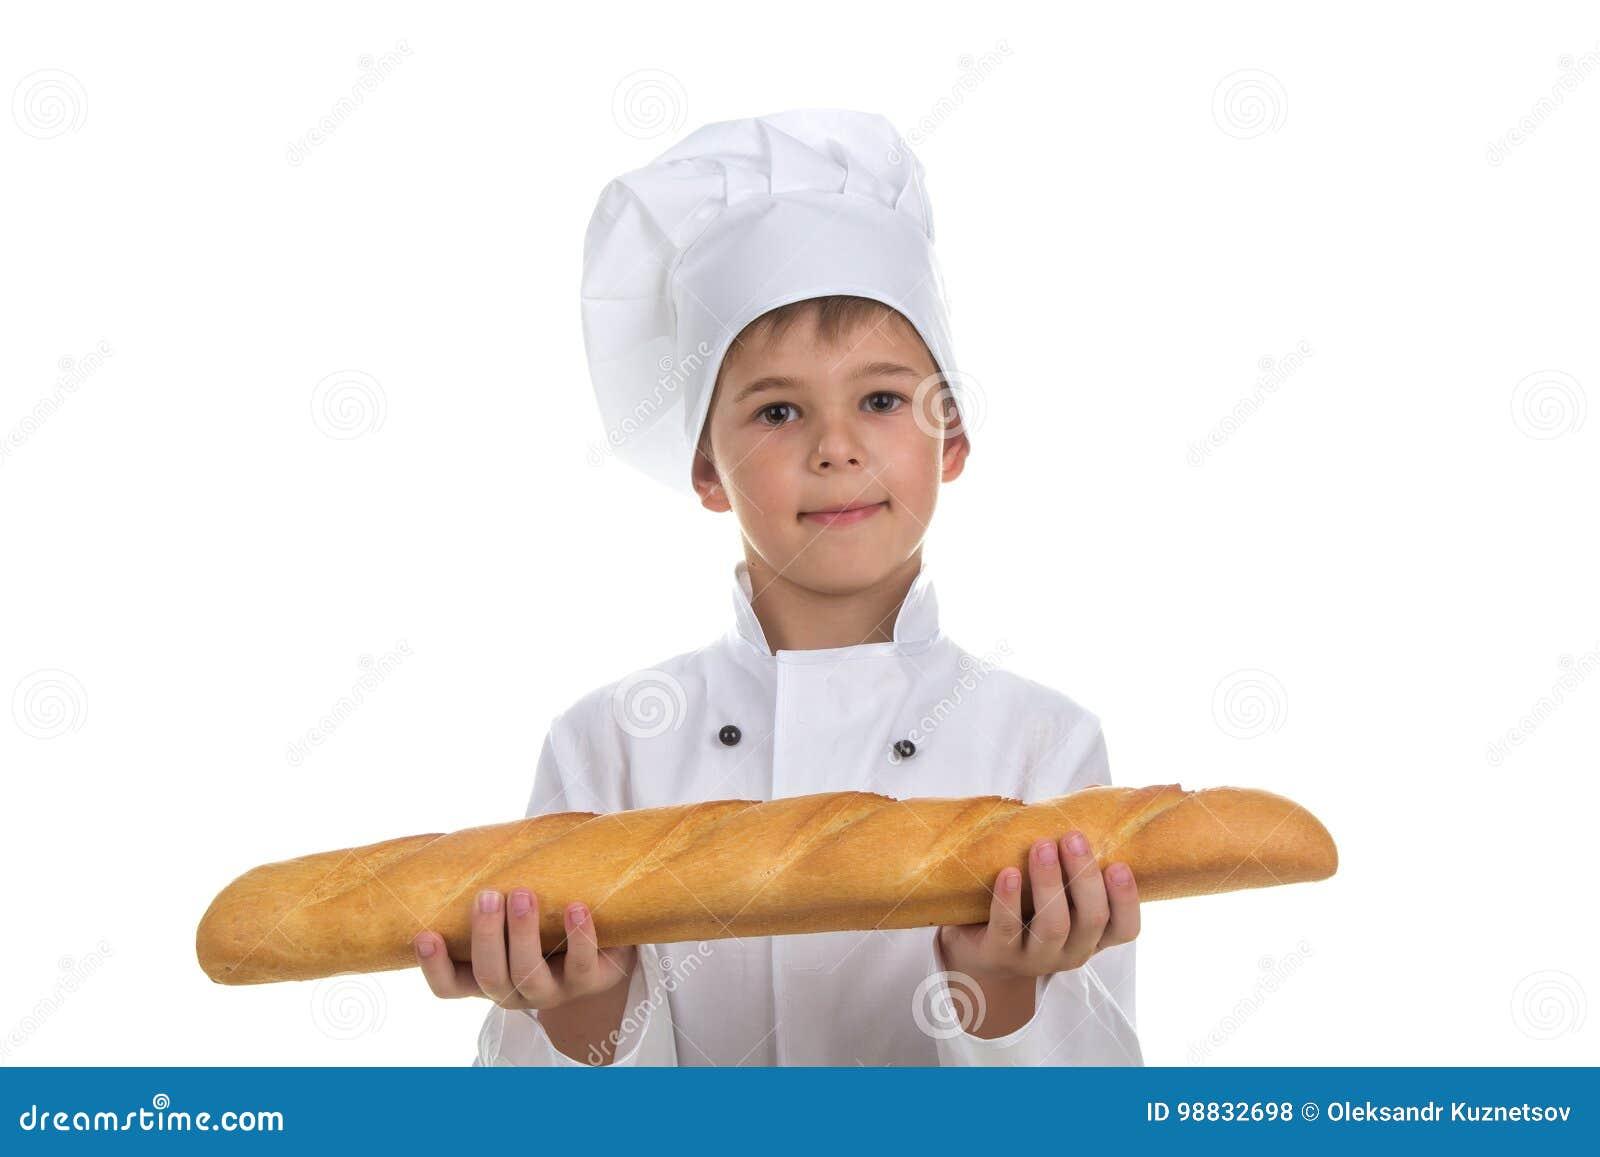 Poco cocinero Boy With Bread Aislado en el fondo blanco